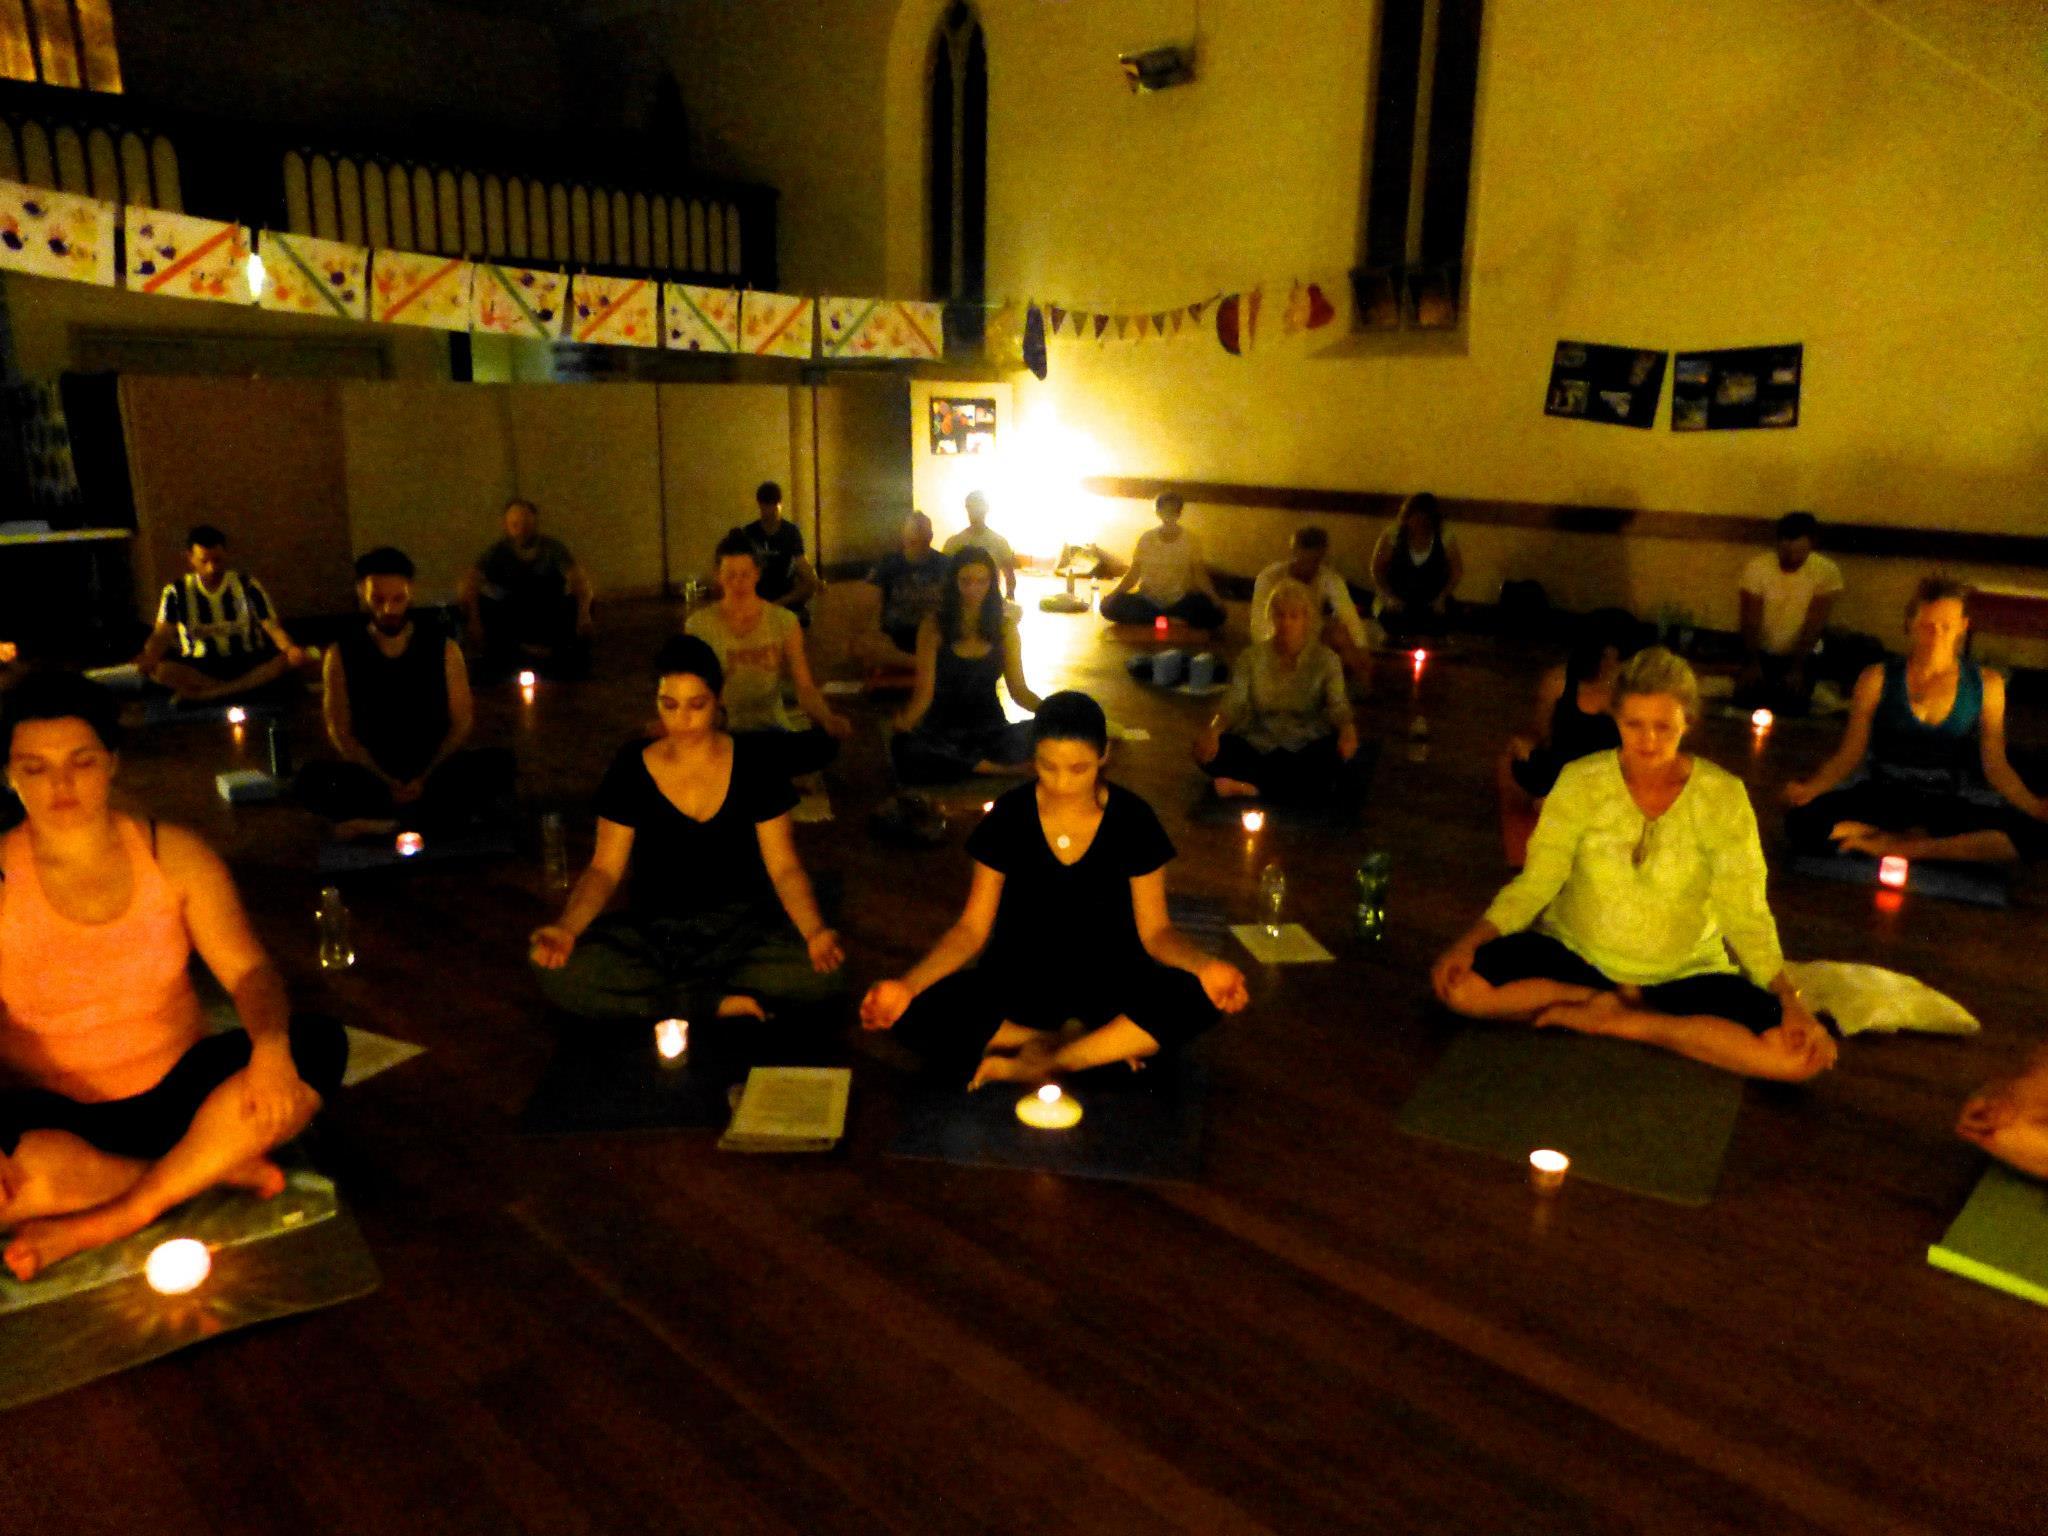 Christmas Kundalini Yoga, candle gazing meditation